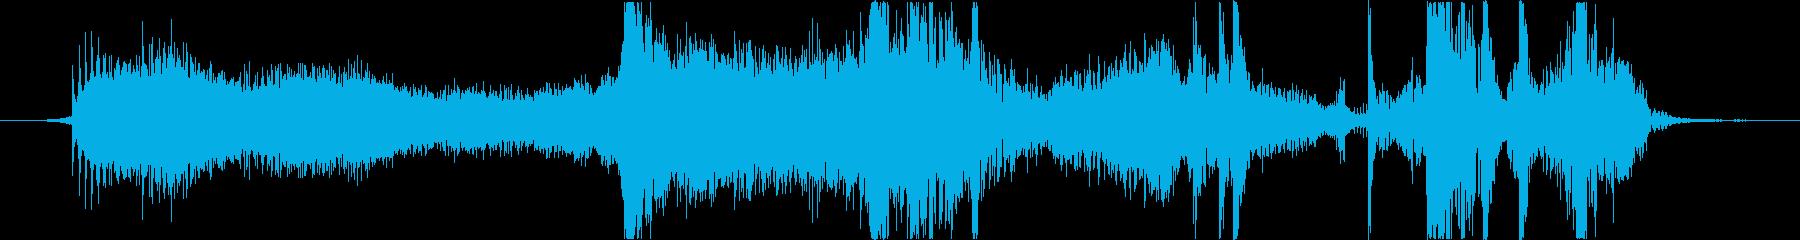 フィクション 力学 機械変換04の再生済みの波形